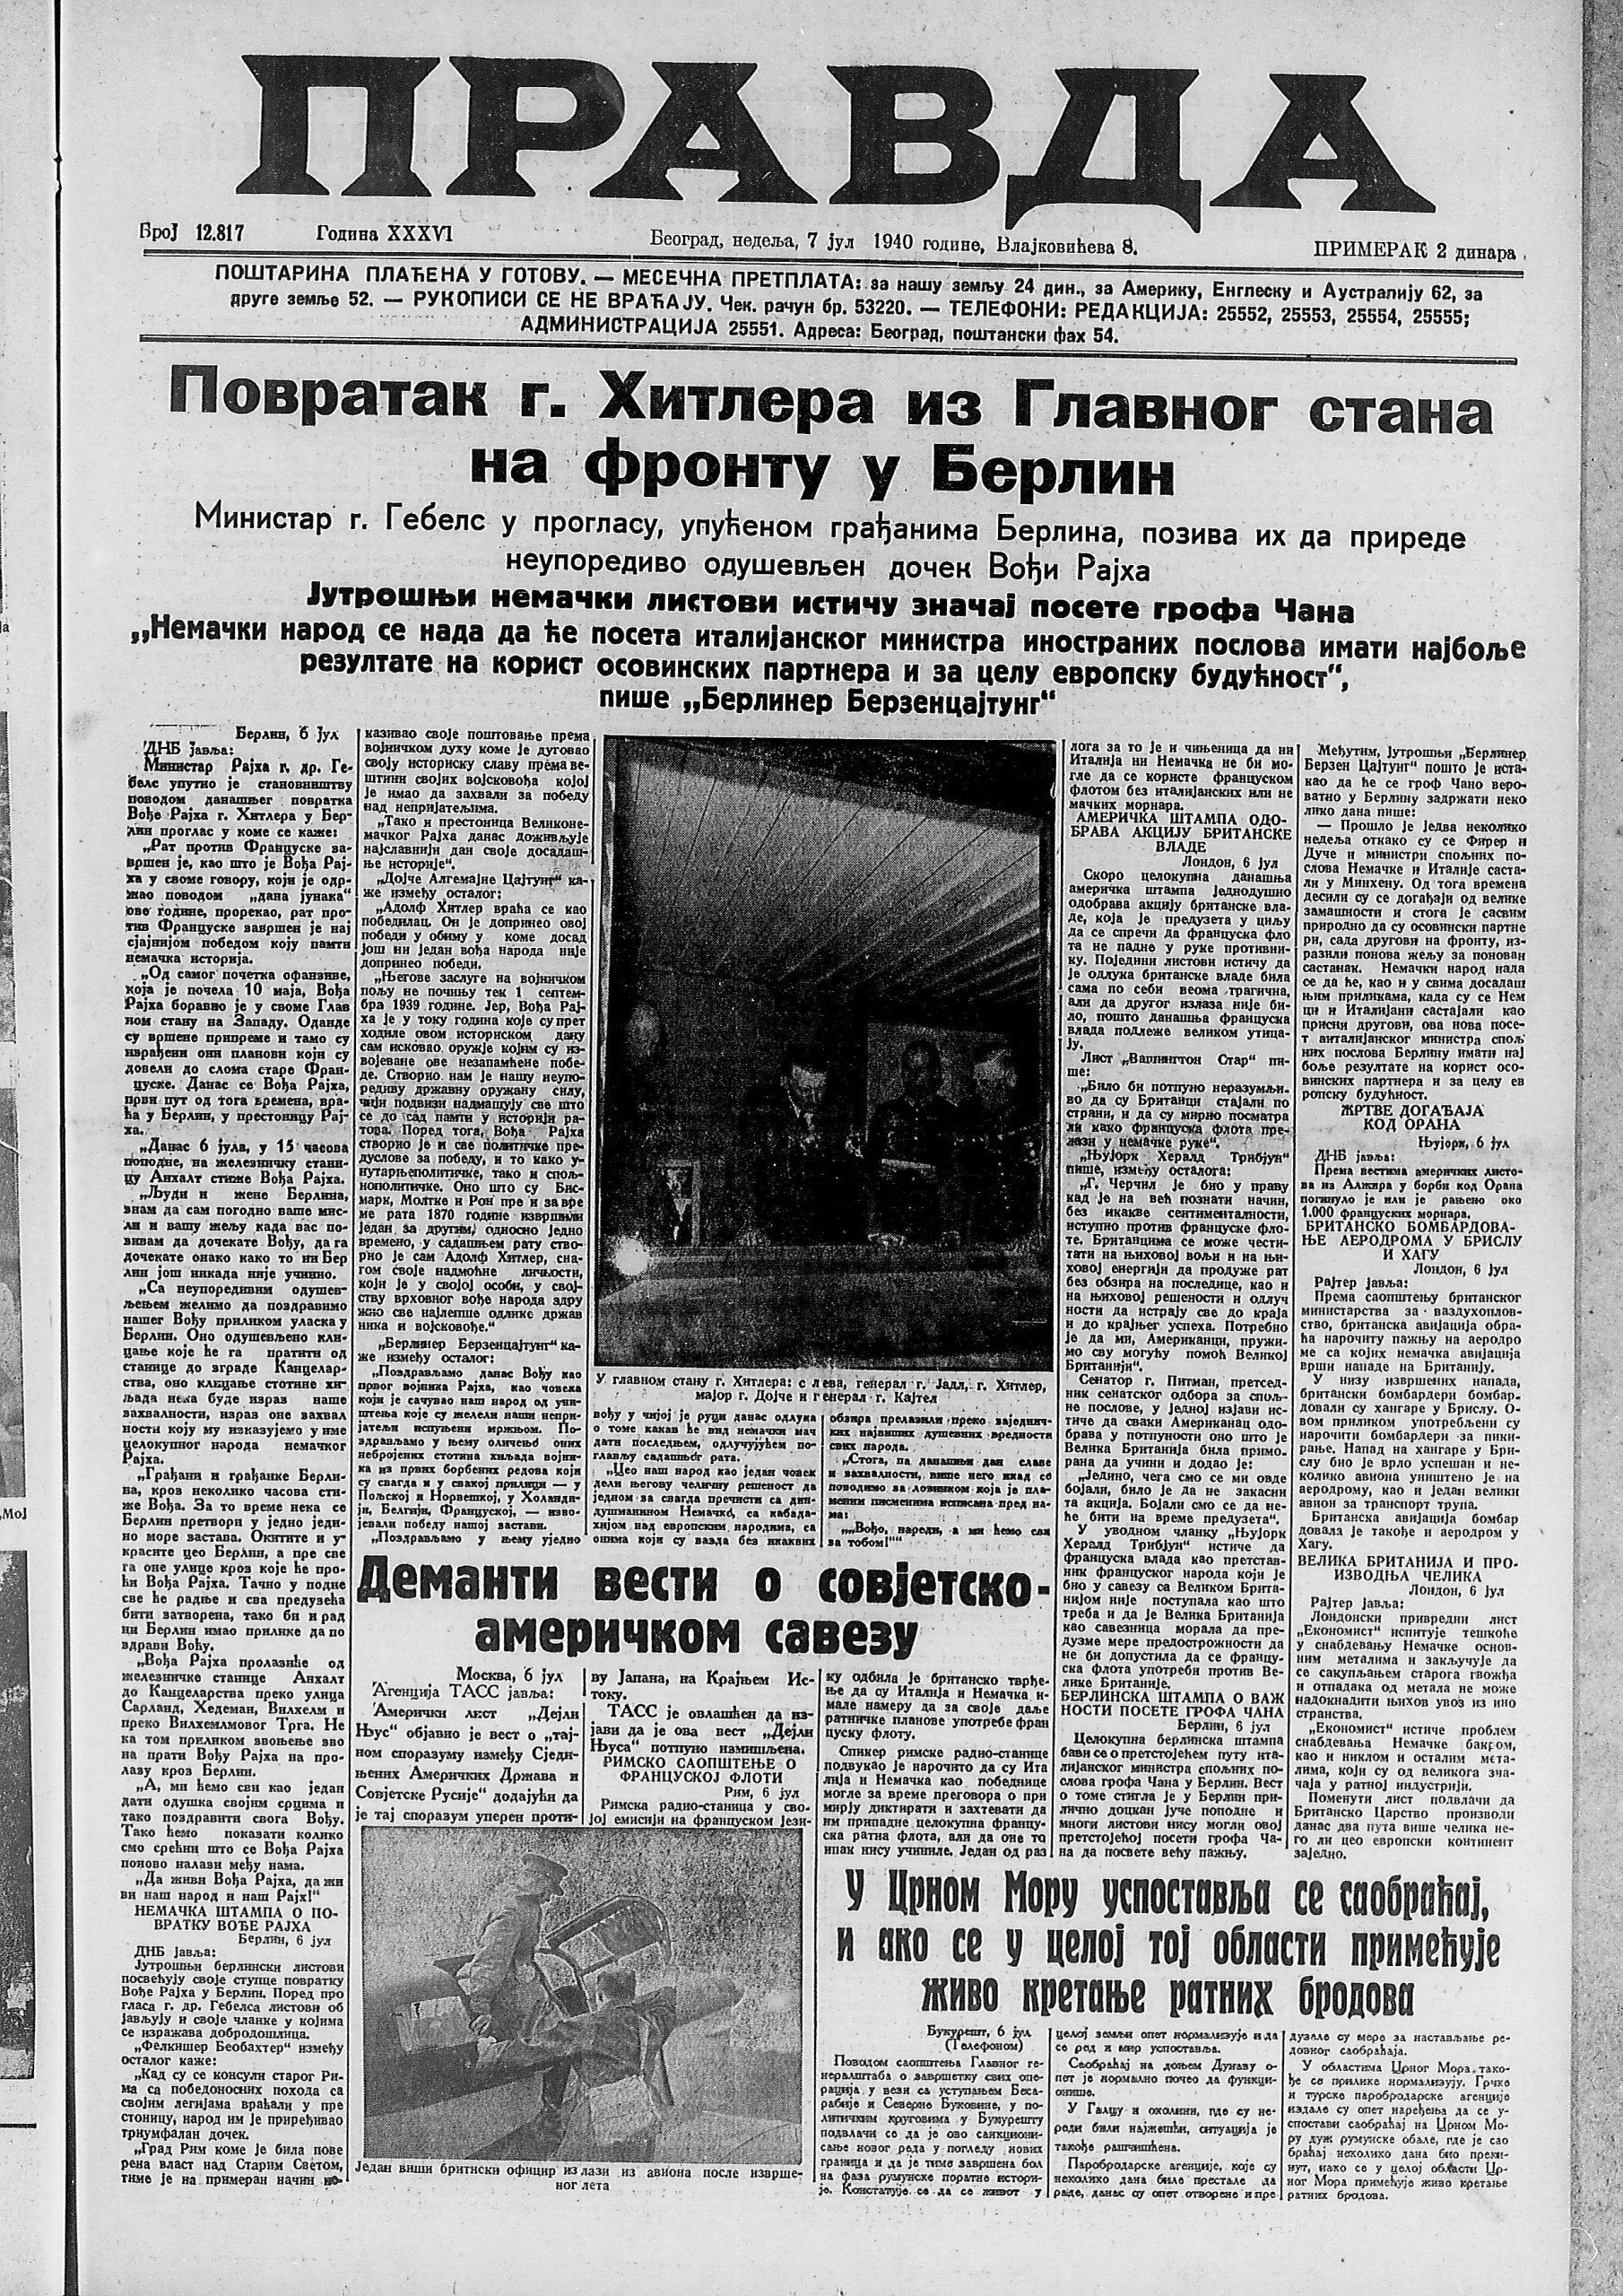 Cveta tržište nekretnina u Beogradu 2